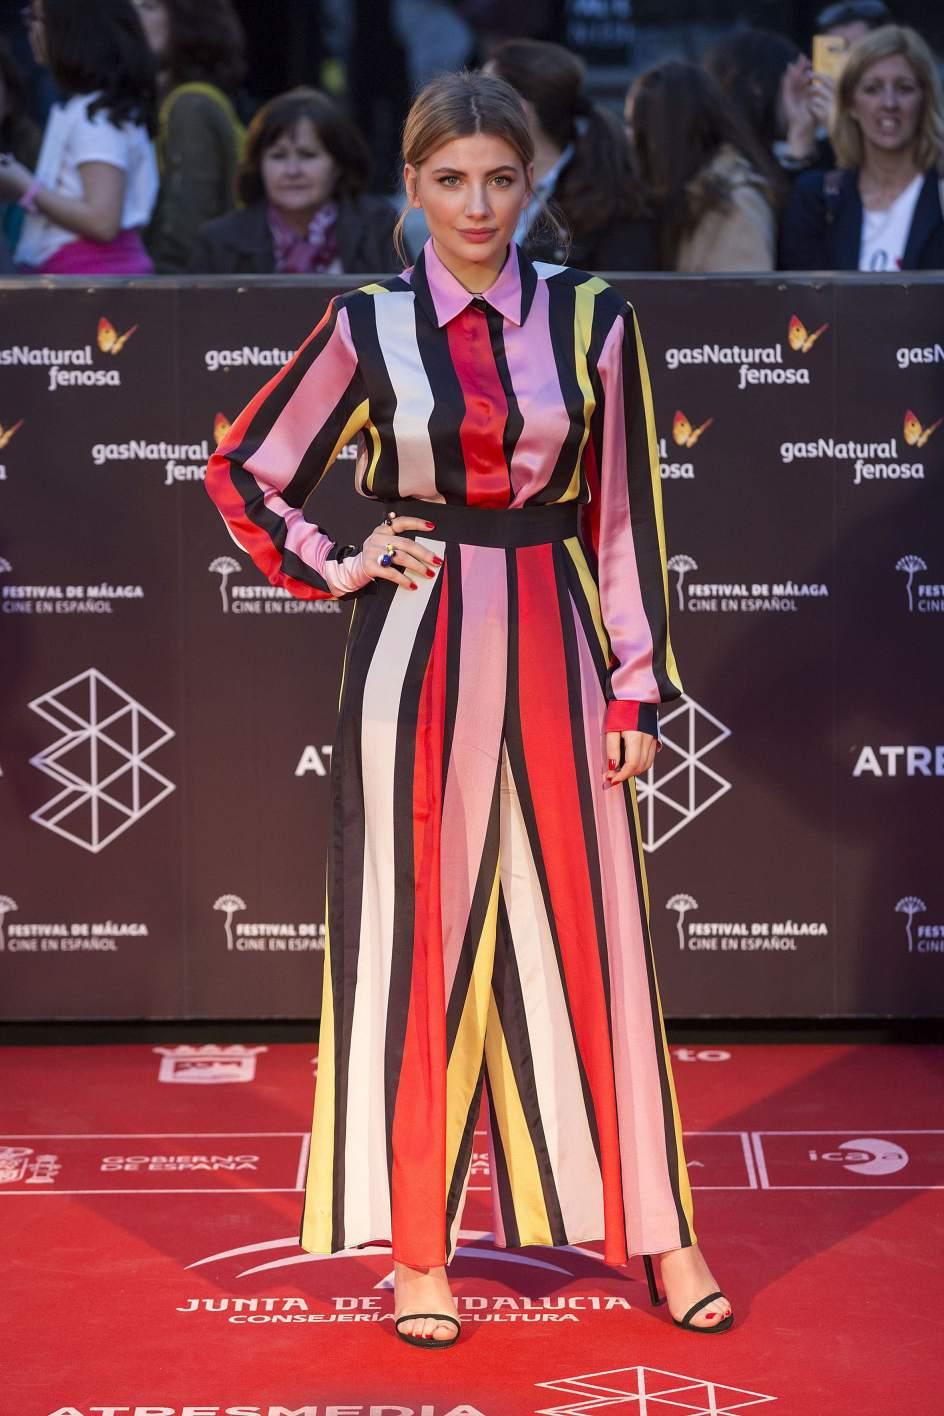 Miriam Giovanelli. La actriz Miriam Giovanelli ha elegido un mono de colores para asistir a la gala inaugural del Festival de Málaga.